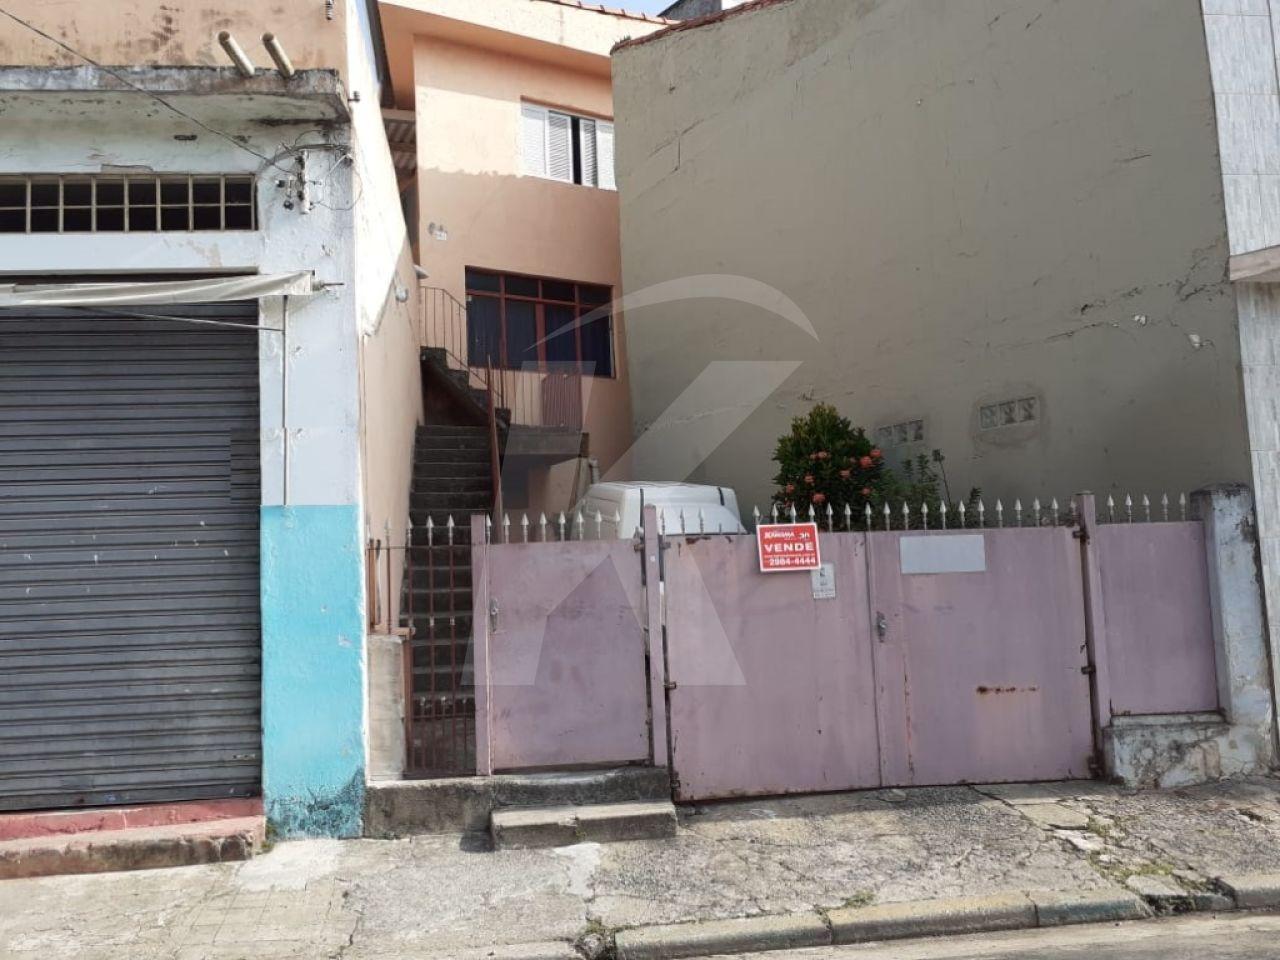 Sobrado Vila Gustavo - 3 Dormitório(s) - São Paulo - SP - REF. KA9404